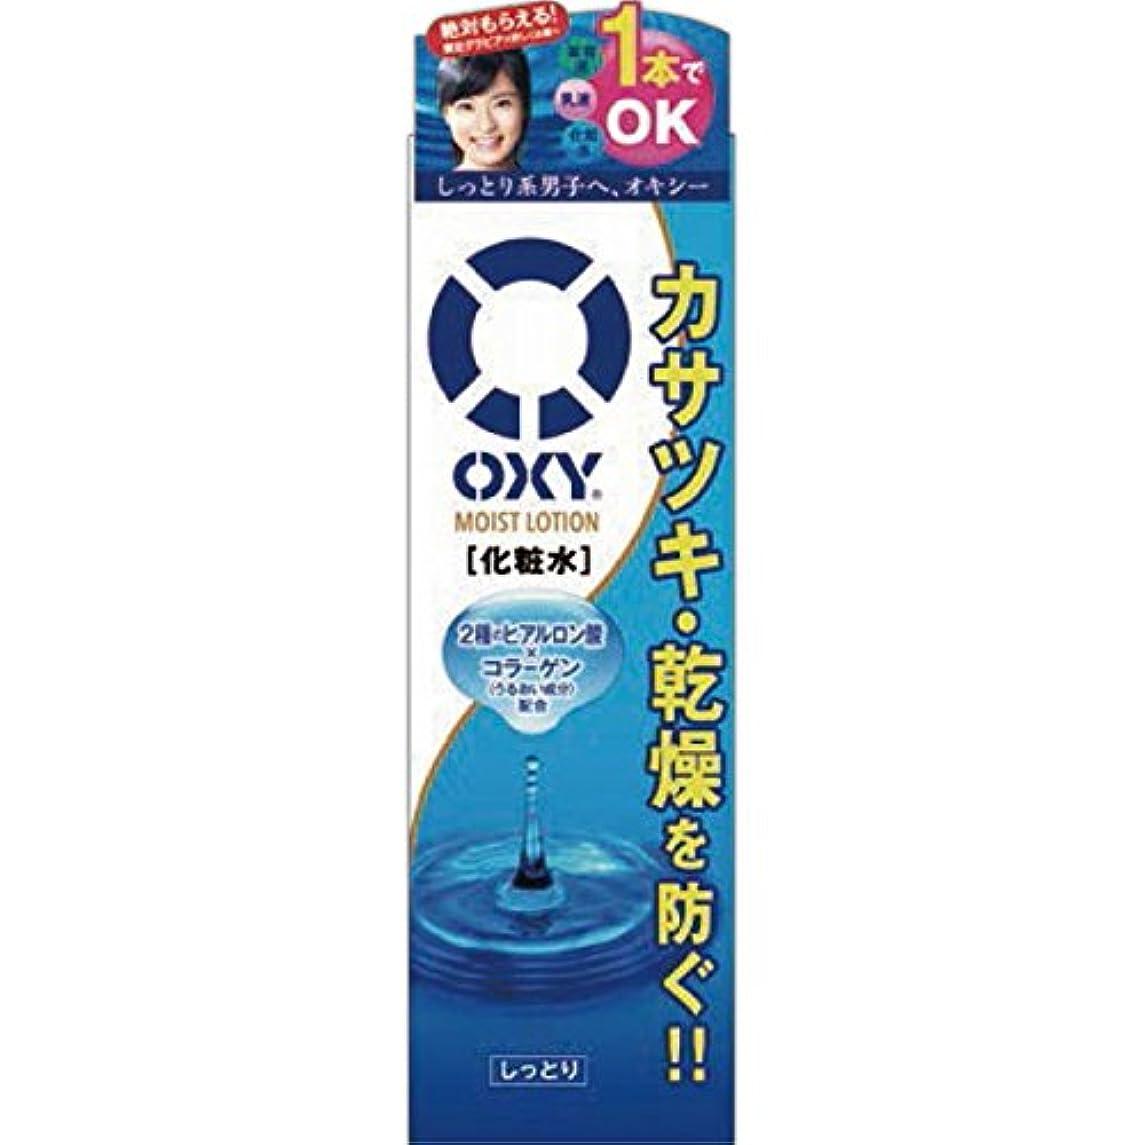 ペースト救い効率的オキシー (Oxy) モイストローション オールインワン化粧水 2種のヒアルロン酸×コラーゲン配合 ゼラニウムの香 170mL